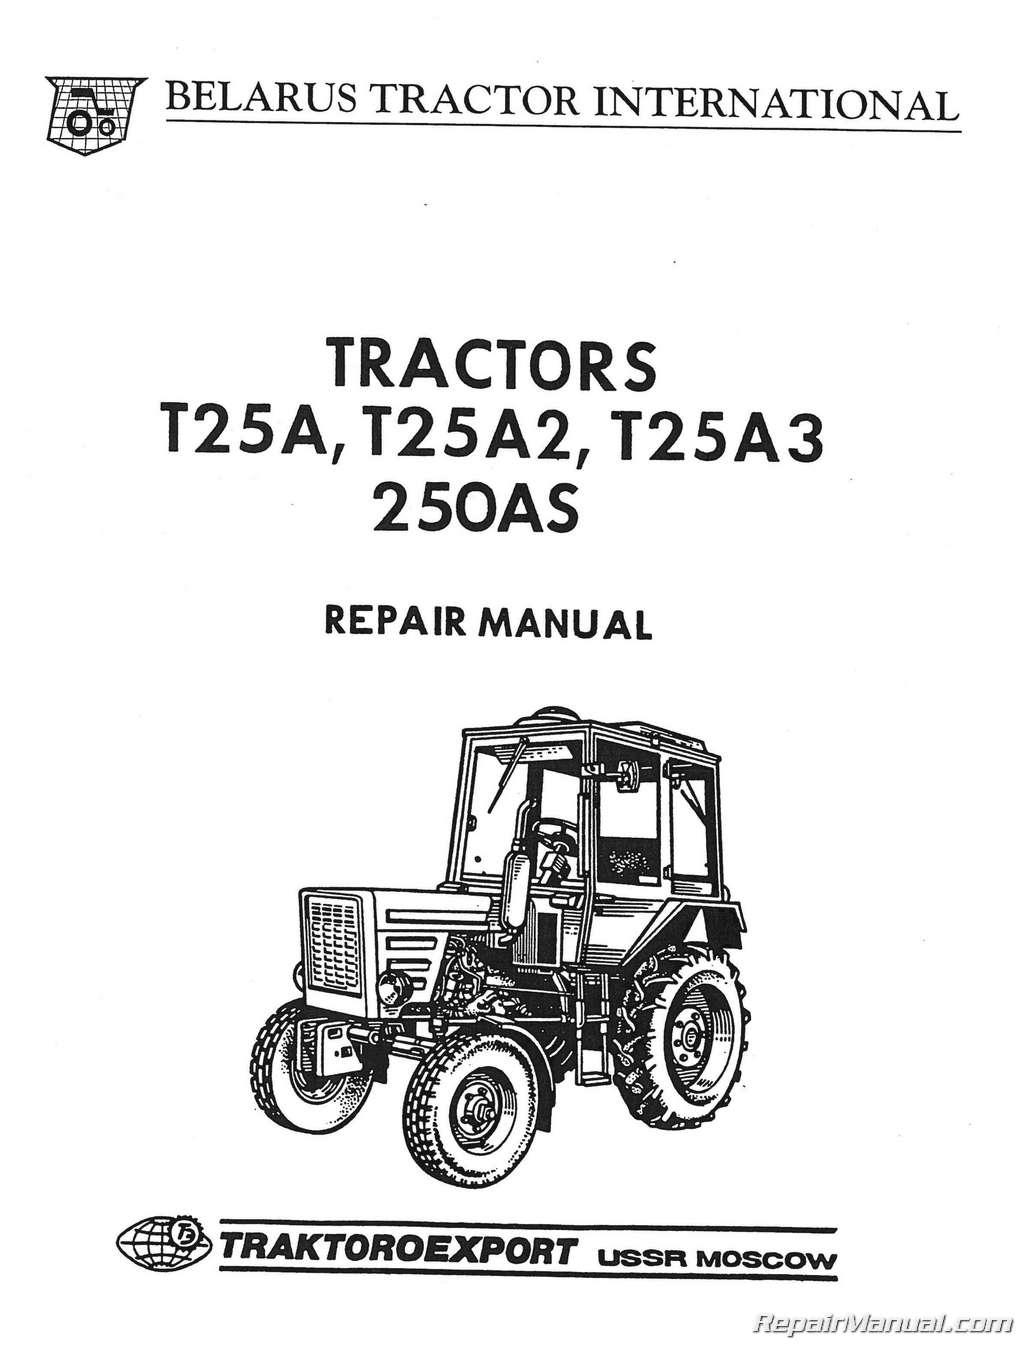 belarus t25a t25a2 t25a3 250as 2 4w diesel tractor service manual rh repairmanual com Belarus Tractor Dealers Belarus Tractor Model 825